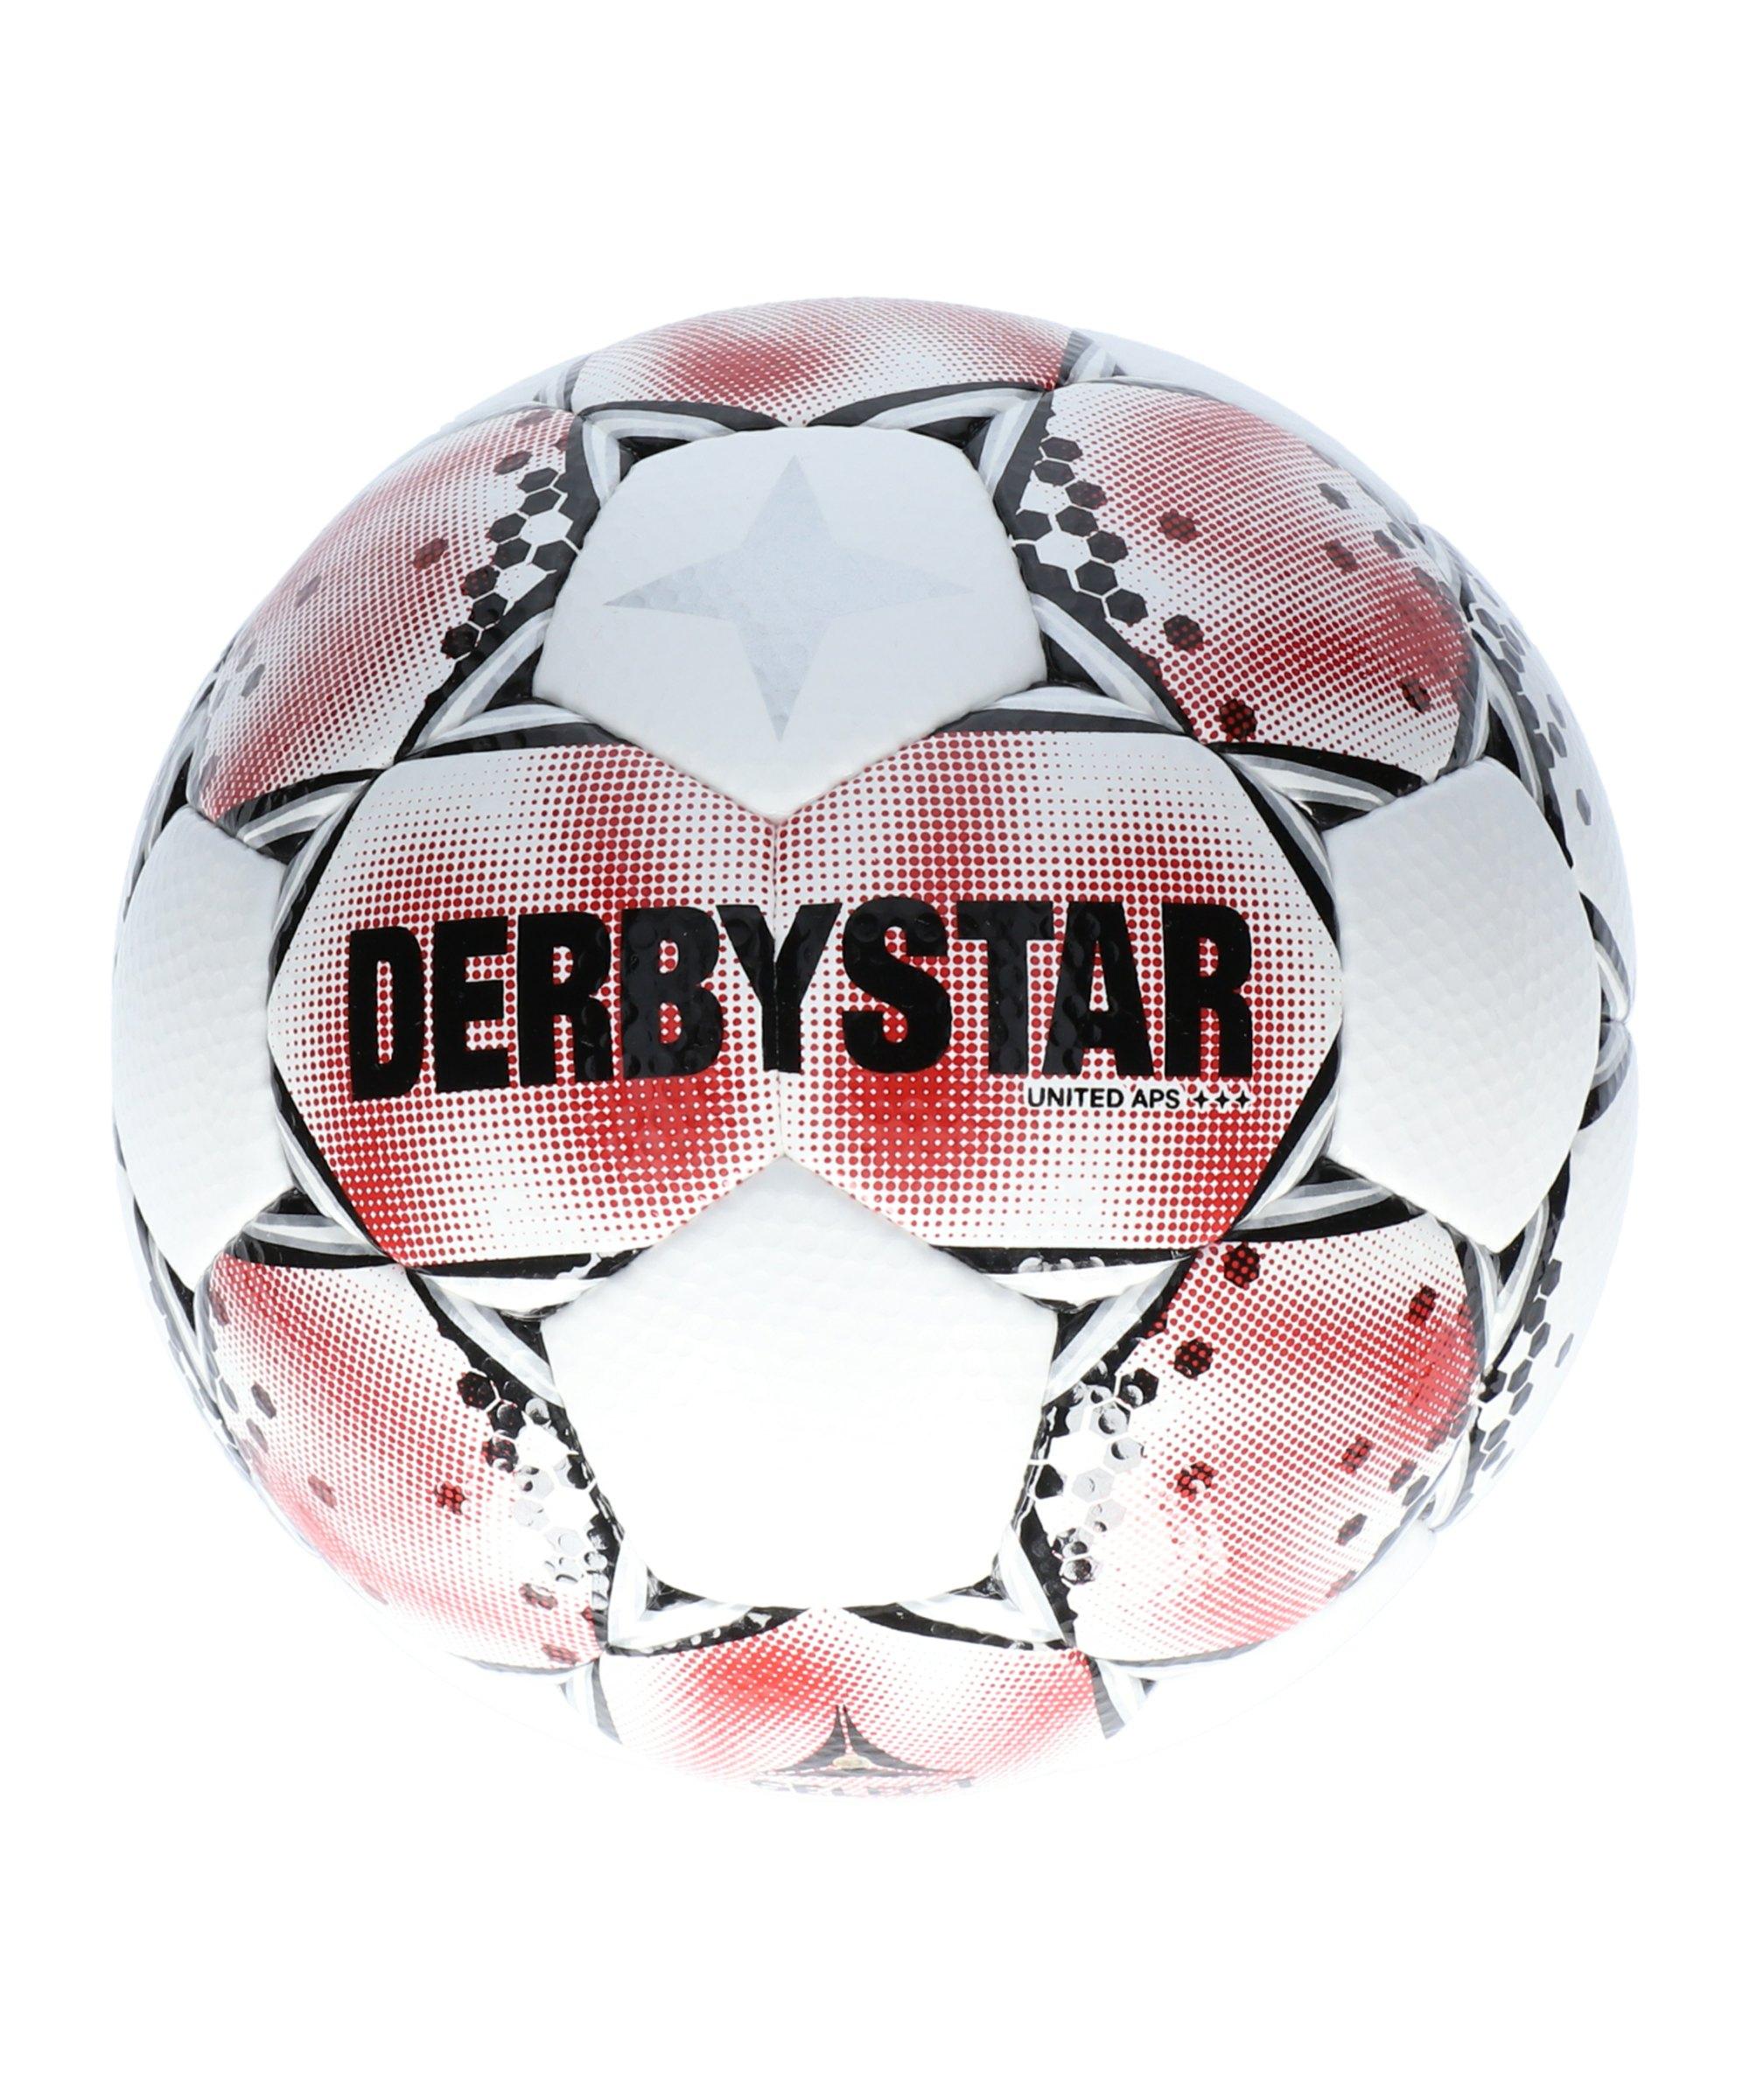 Derbystar United APS v21 Spielball F021 - weiss